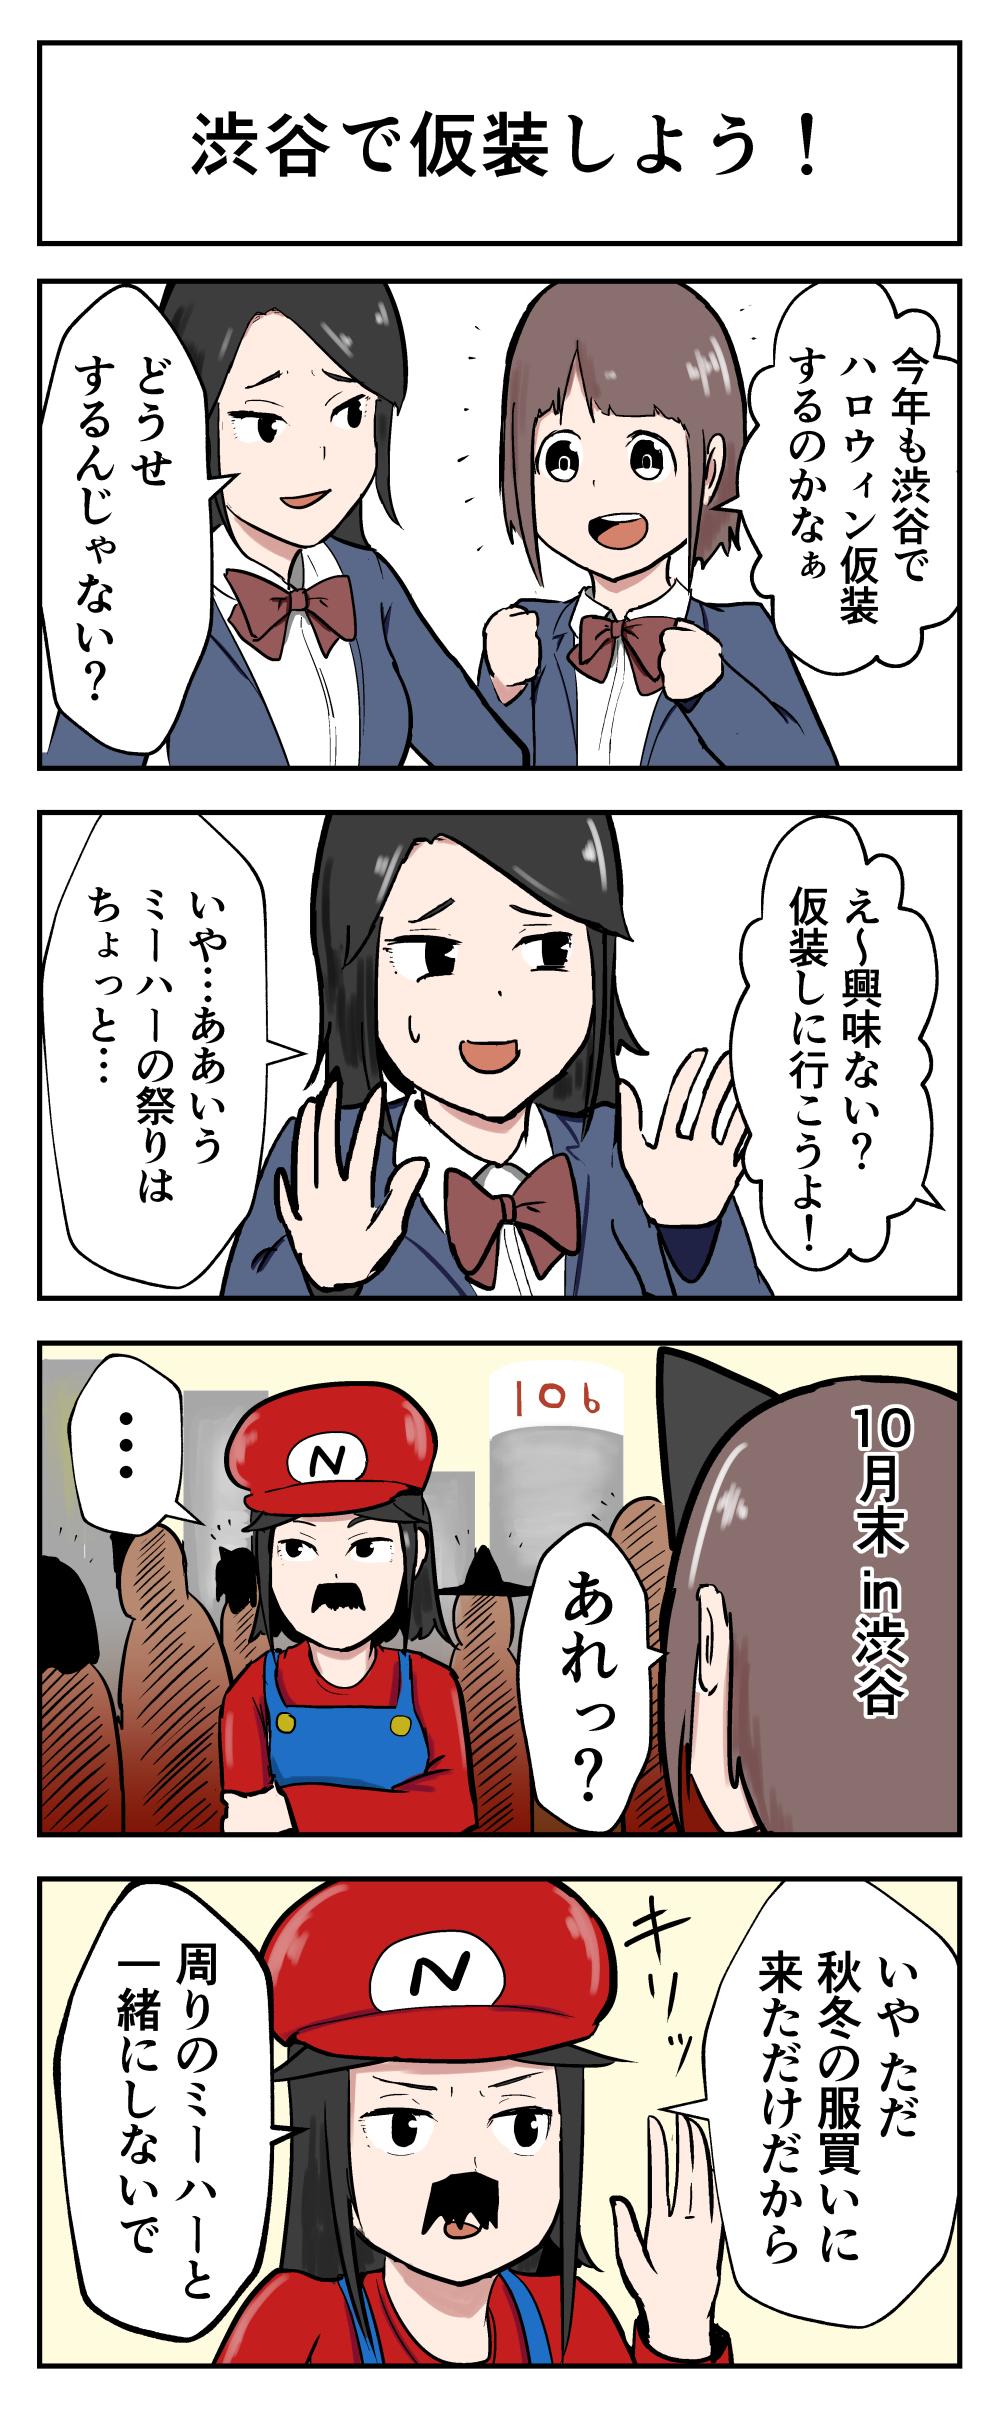 渋谷で仮装しよう!